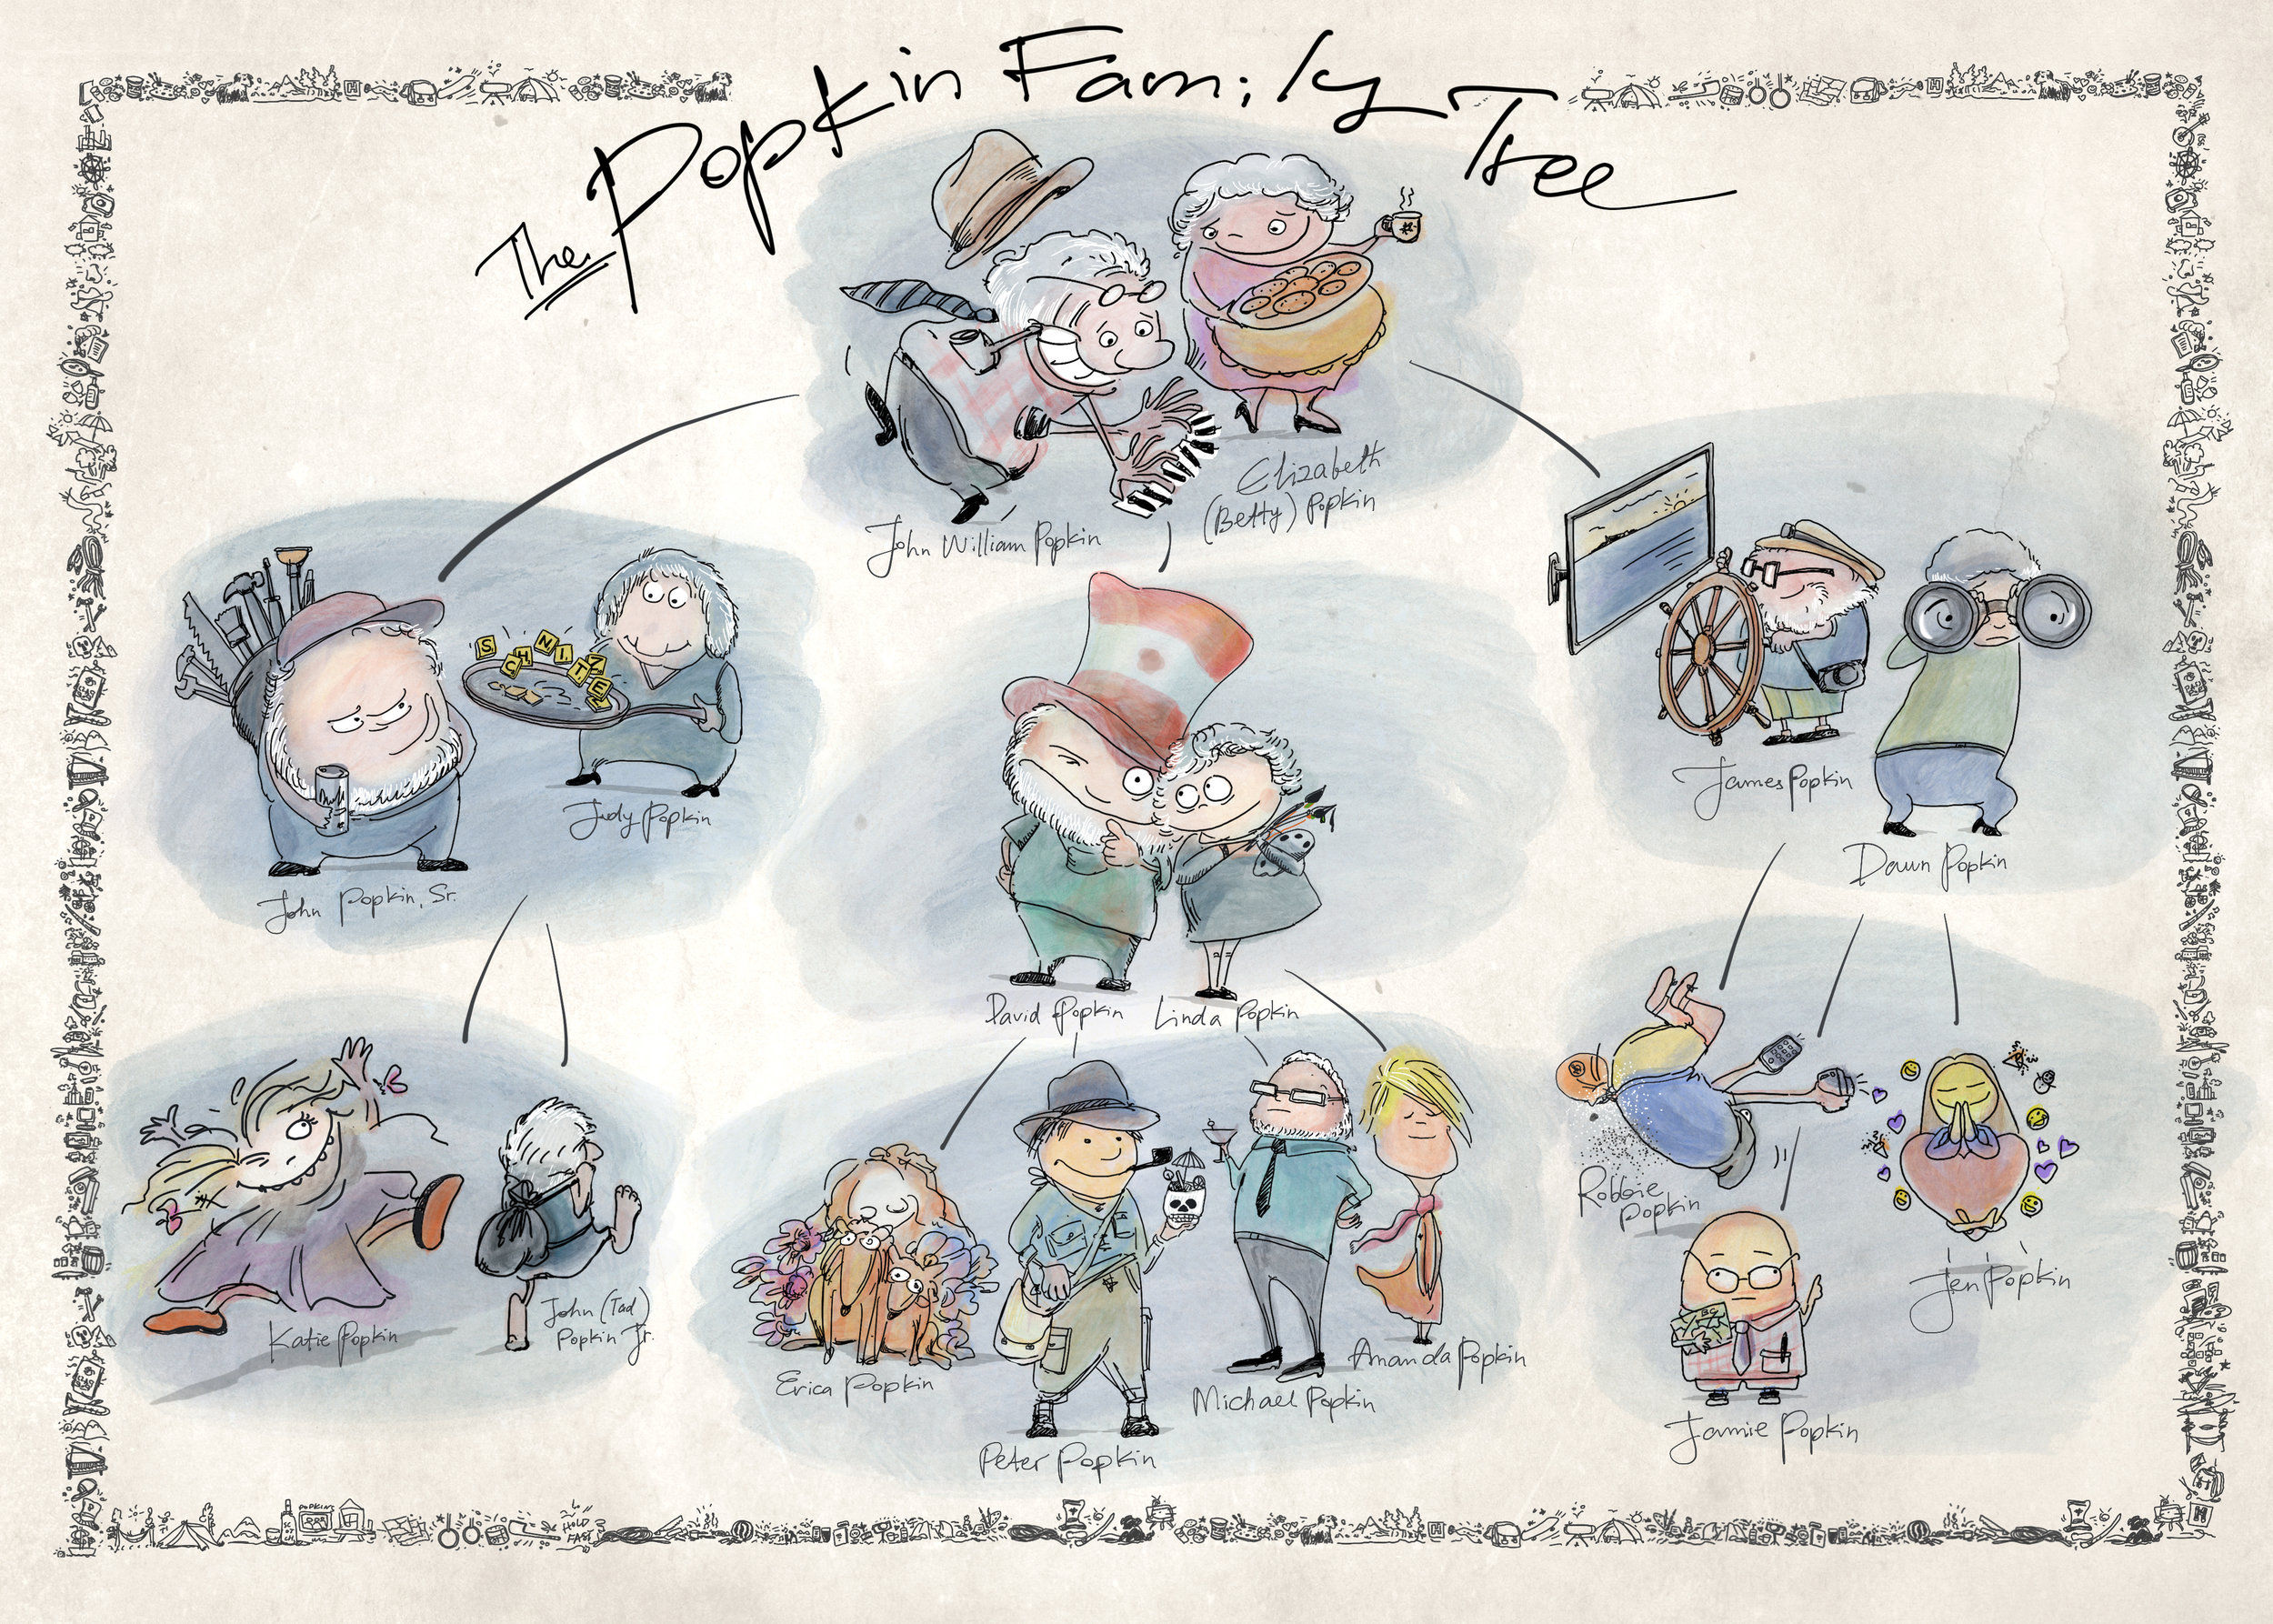 THE POPKIN FAMILY TREE